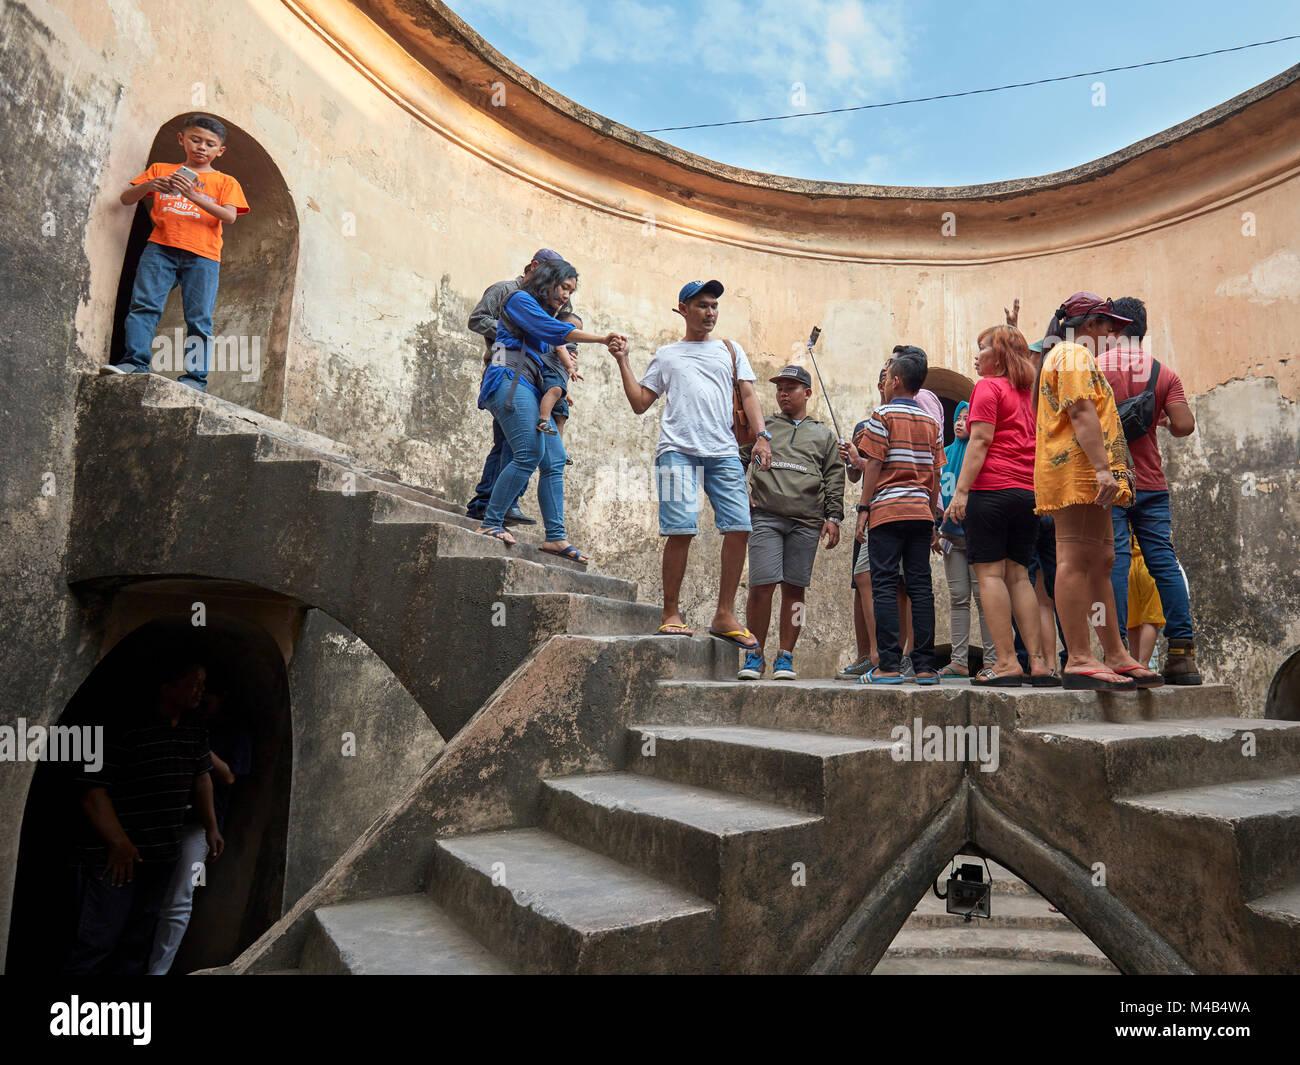 Personnes dans Gumuling Gumuling Sumur (bien), à étages, une structure circulaire, une fois utilisée Photo Stock